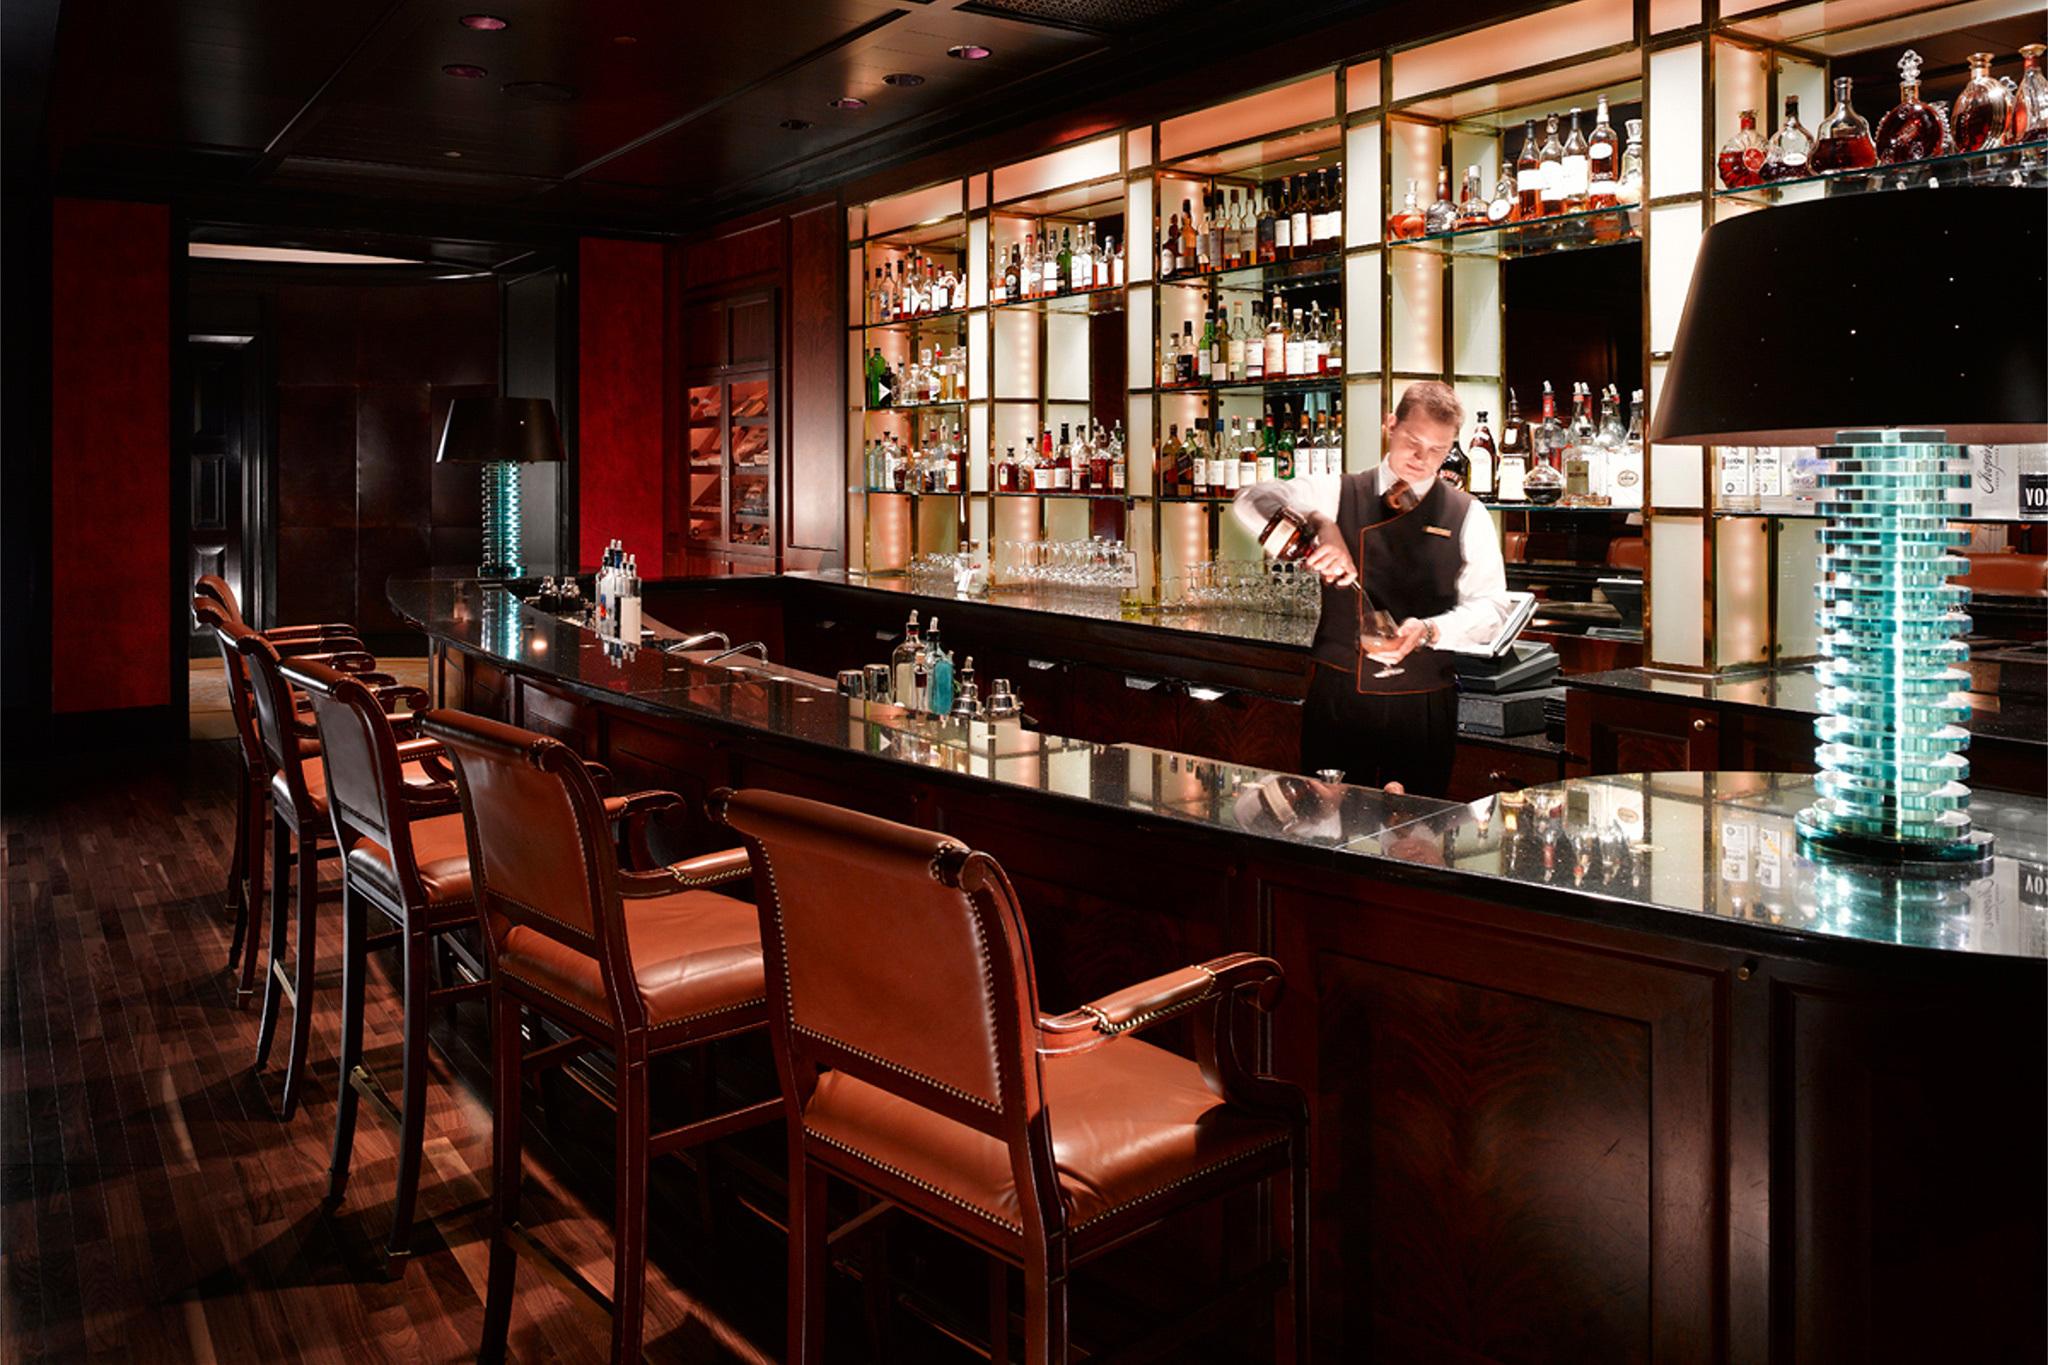 The Bar at Peninsula Hotel